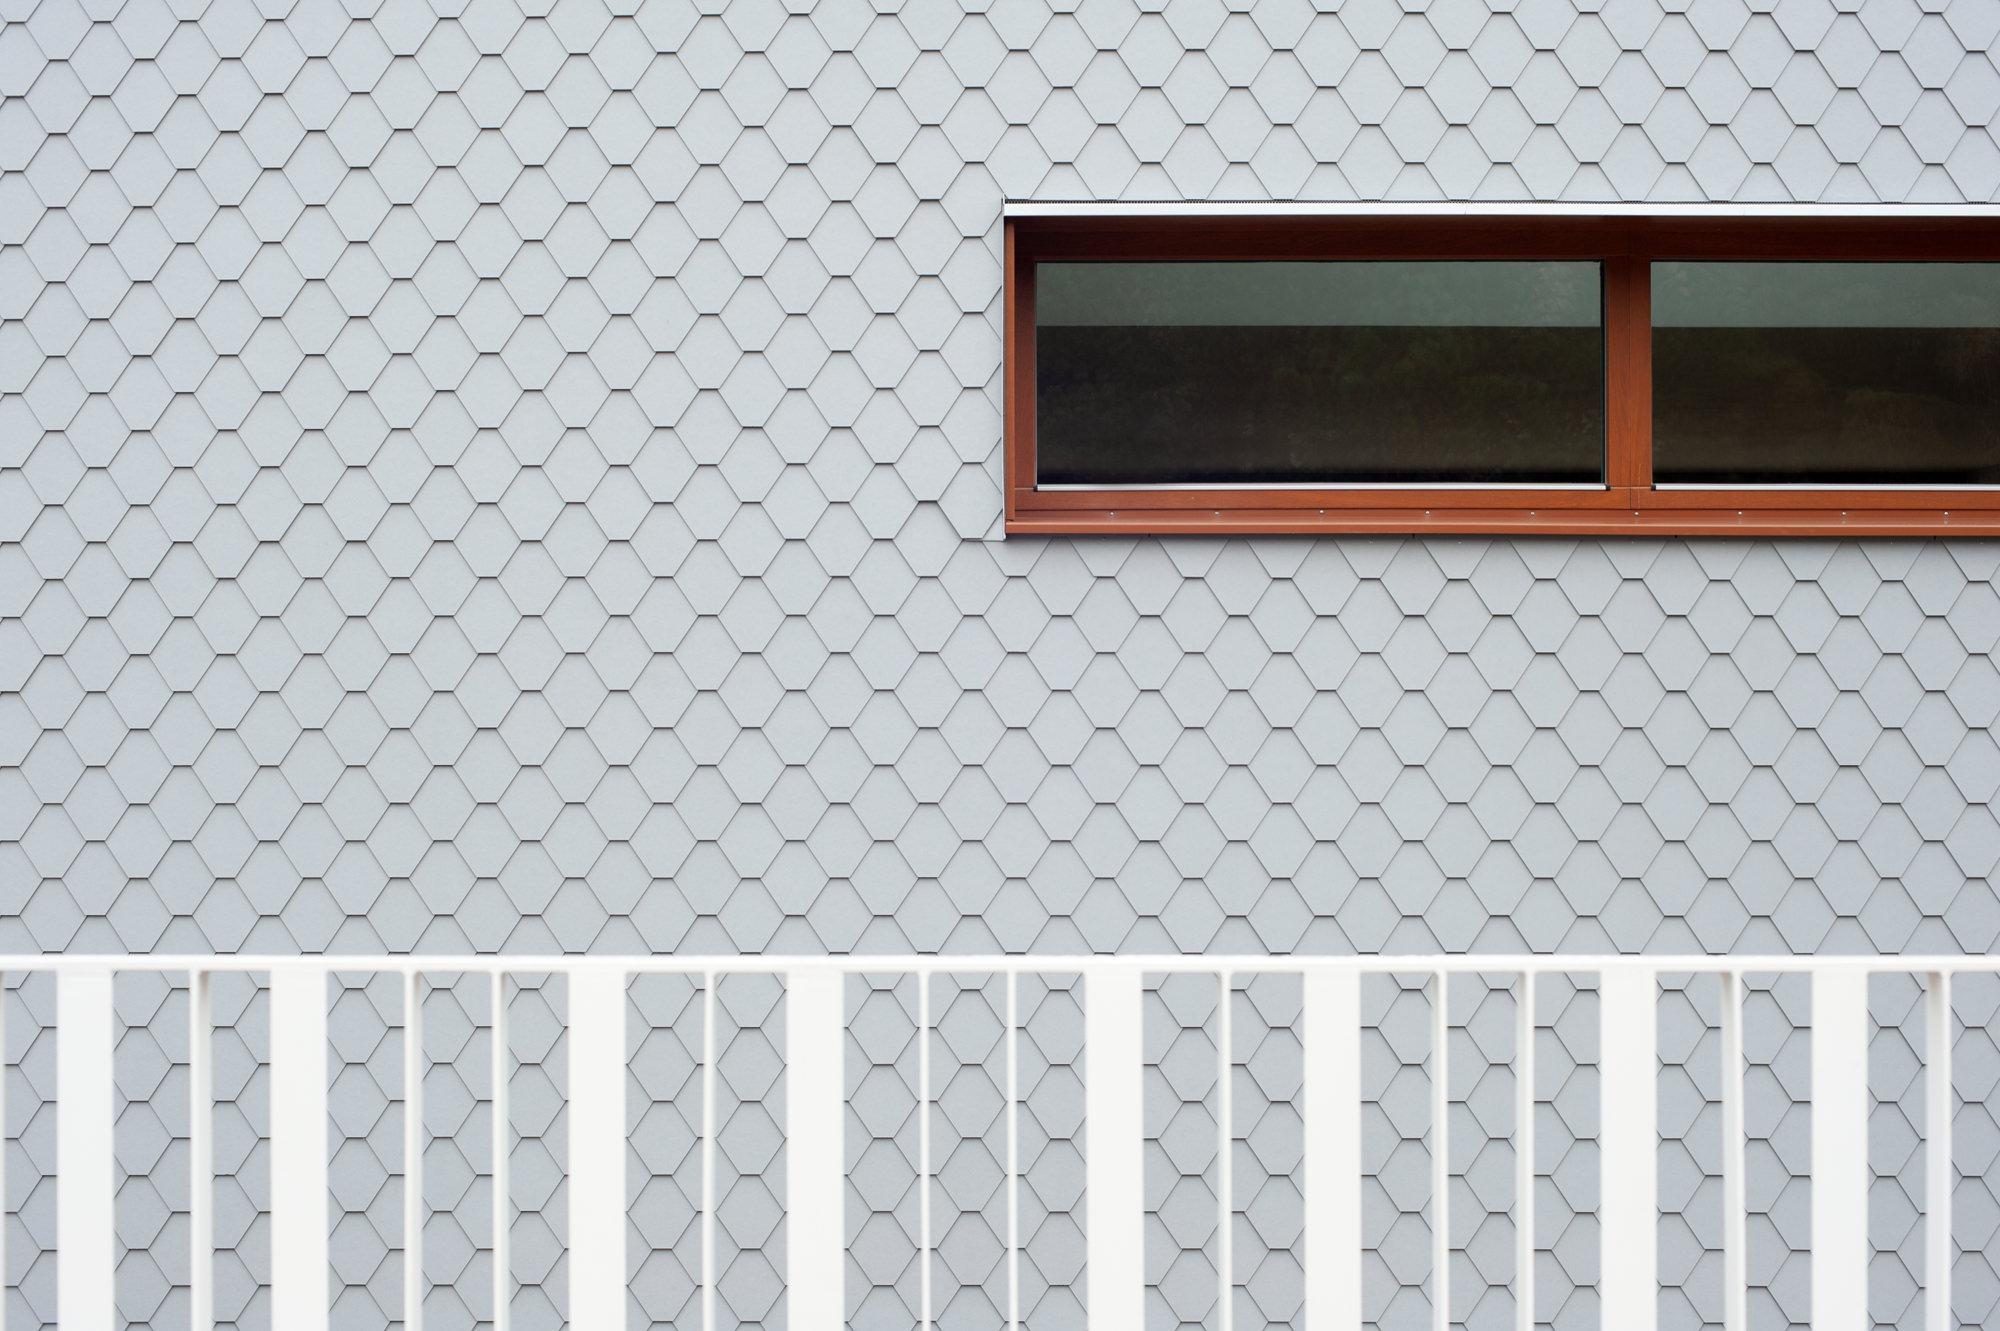 Wochenendhaus Wien Architekt